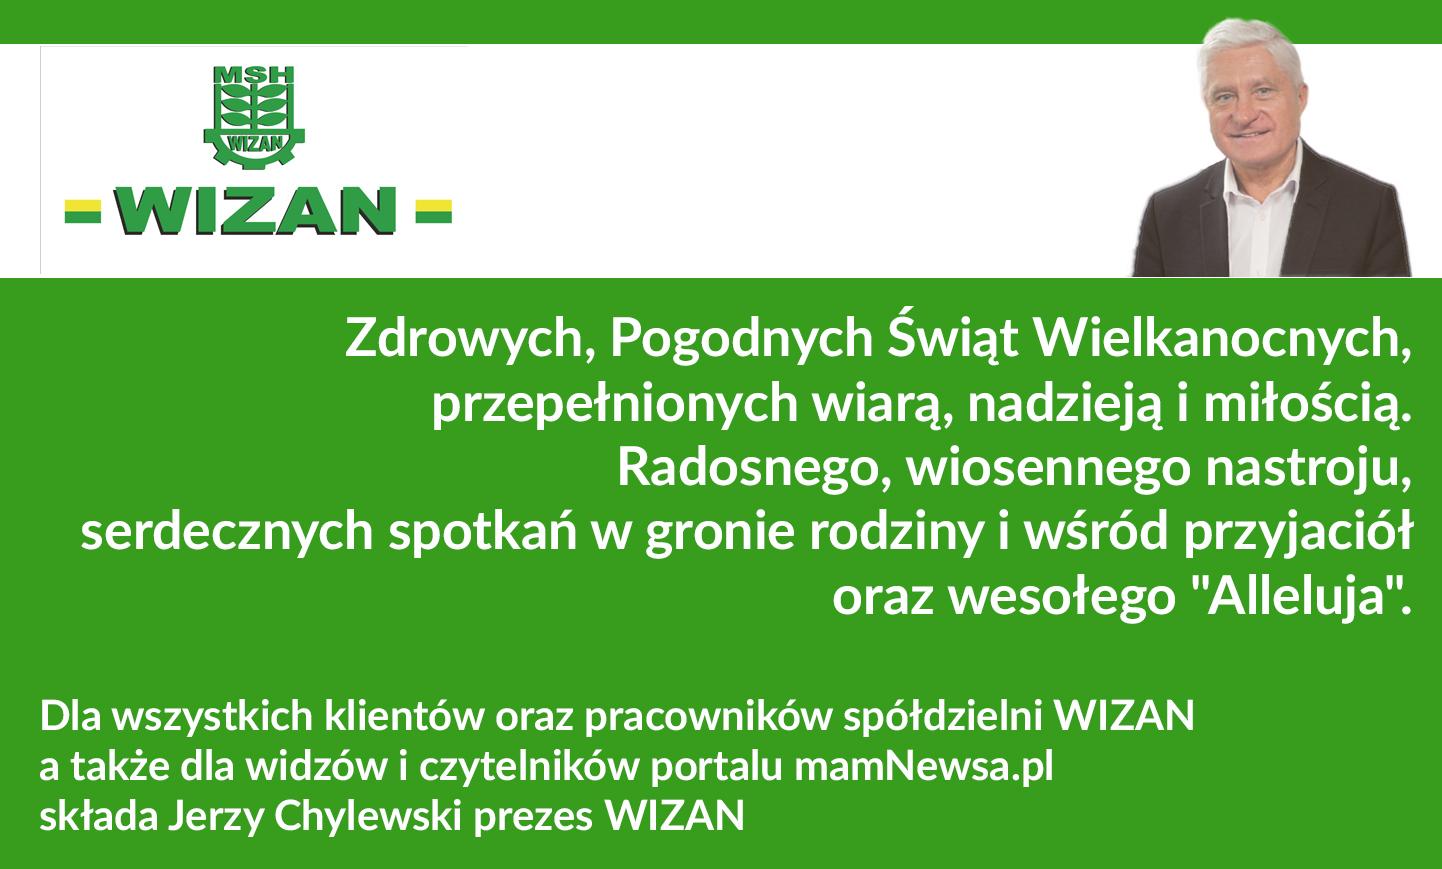 Życzenia świąteczne od prezesa Wizanu Jerzego Chylewskiego